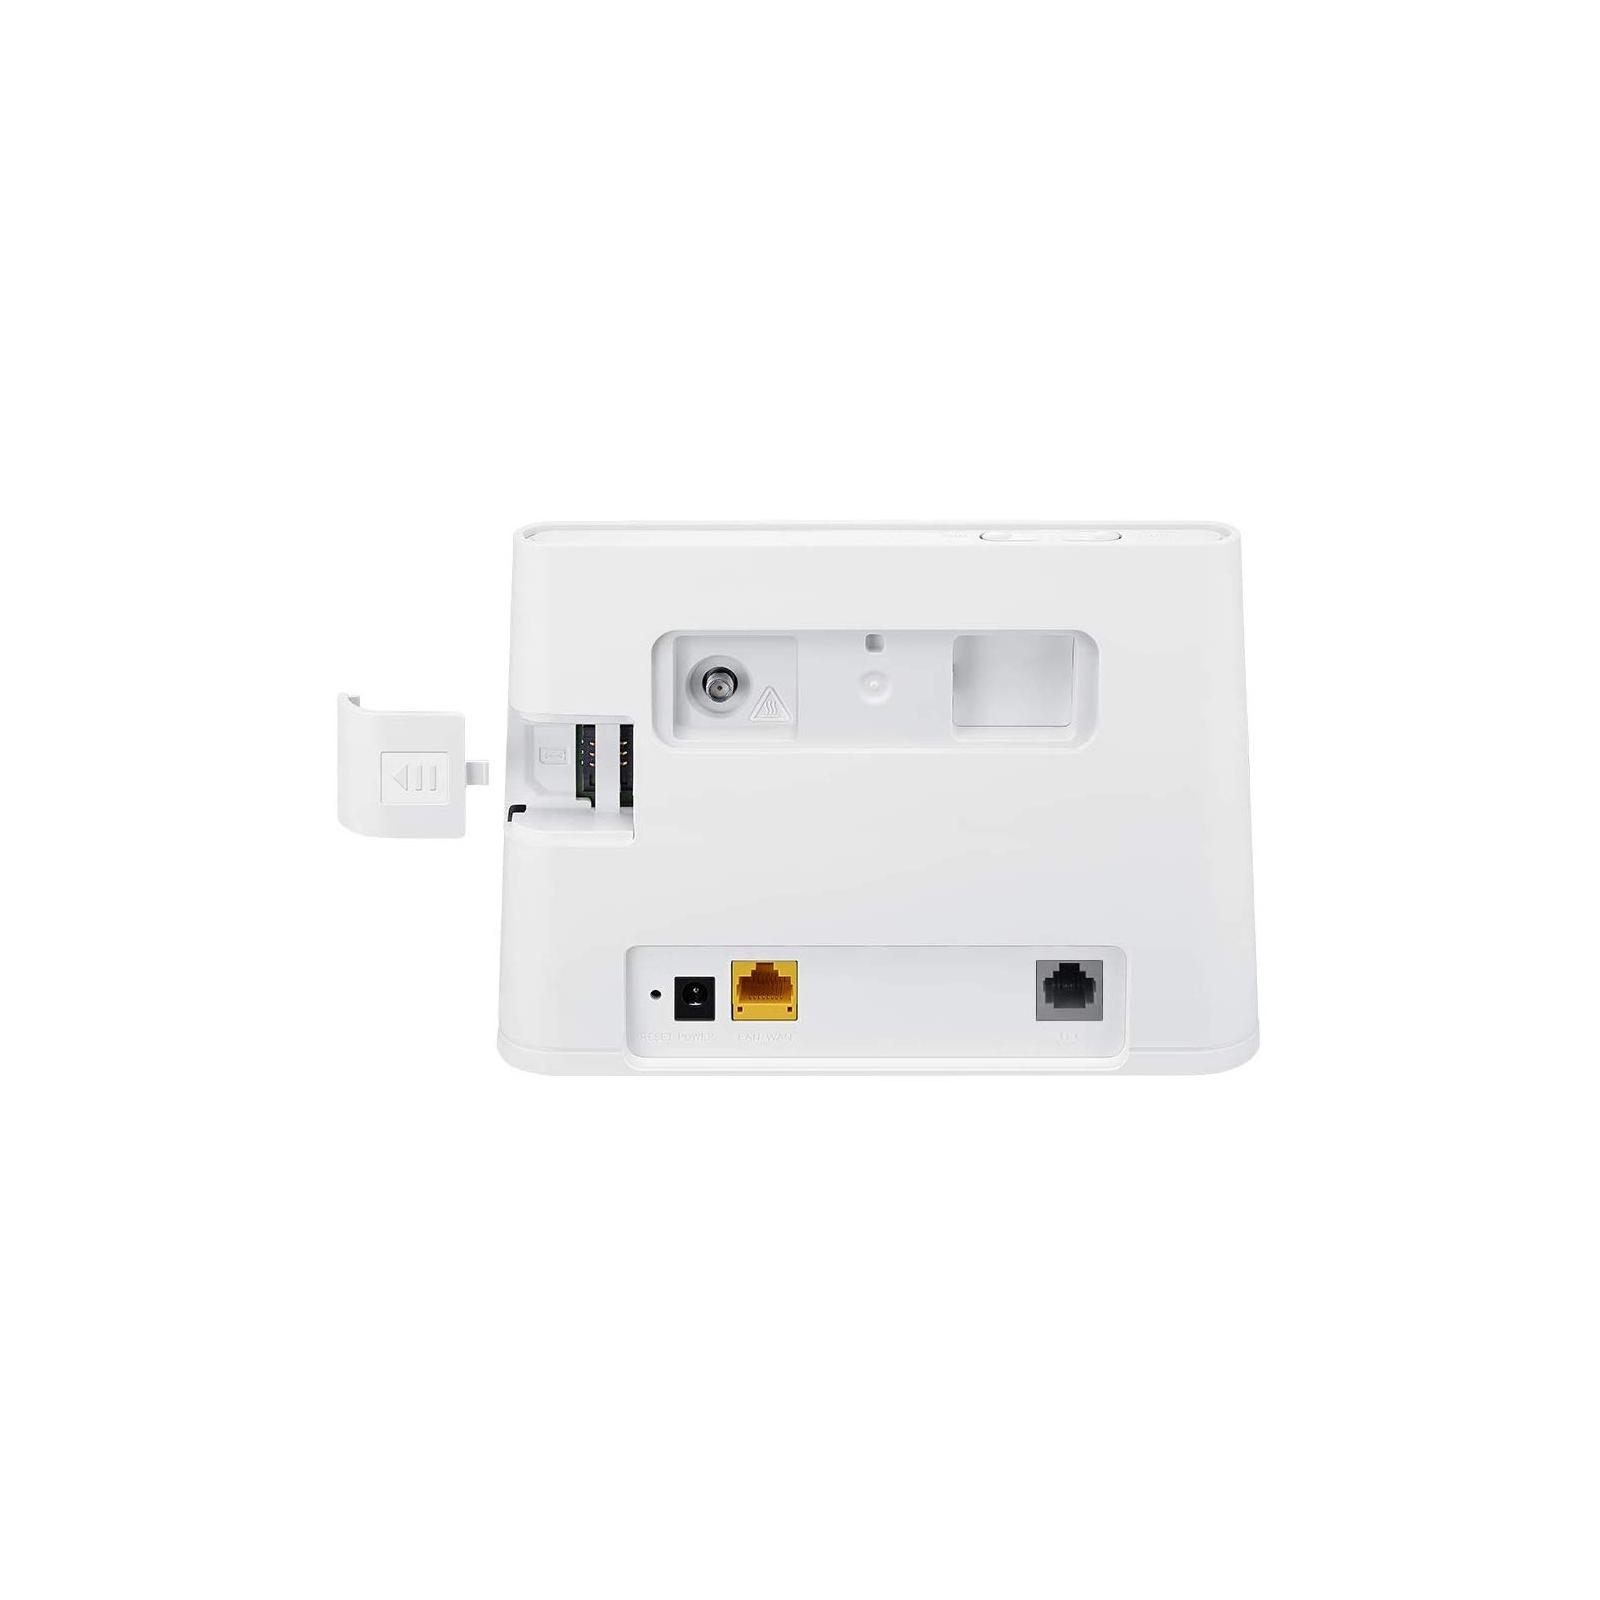 Маршрутизатор Huawei B311-221 (51060DWA) зображення 6